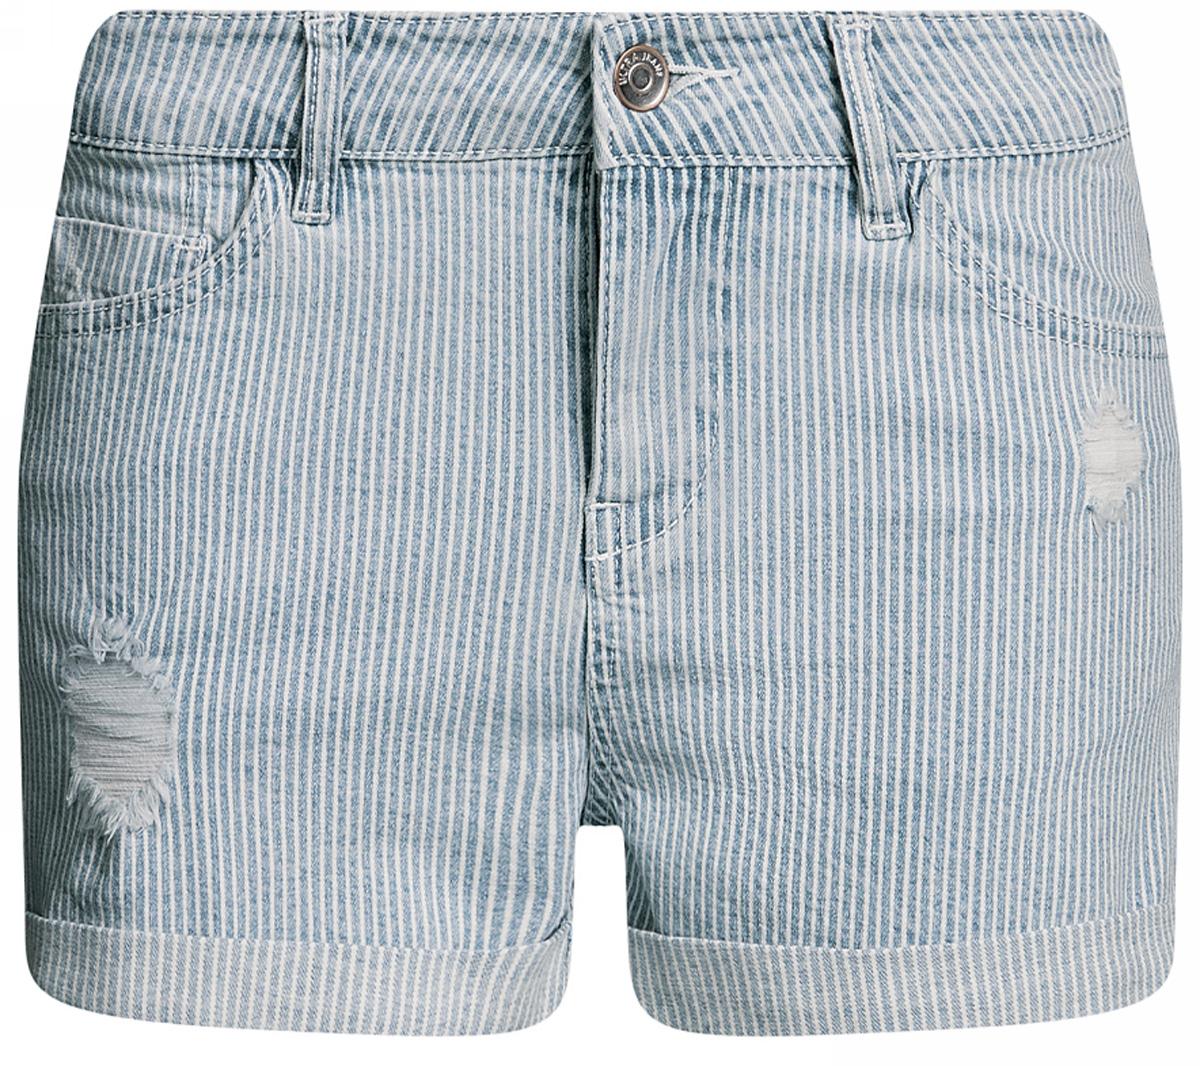 Шорты женские oodji Ultra, цвет: синий джинс. 12807081/46655/7500W. Размер 28 (46)12807081/46655/7500WШорты джинсовые с отворотами oodji выполнены из высококачественного материала на основе хлопка. Шорты застегиваются на пуговицу в поясе и ширинку на застежке-молнии, дополнены шлевками для ремня. Спереди модель дополнена двумя втачными карманами, одним маленьким накладным, а сзади - двумя накладными карманами.